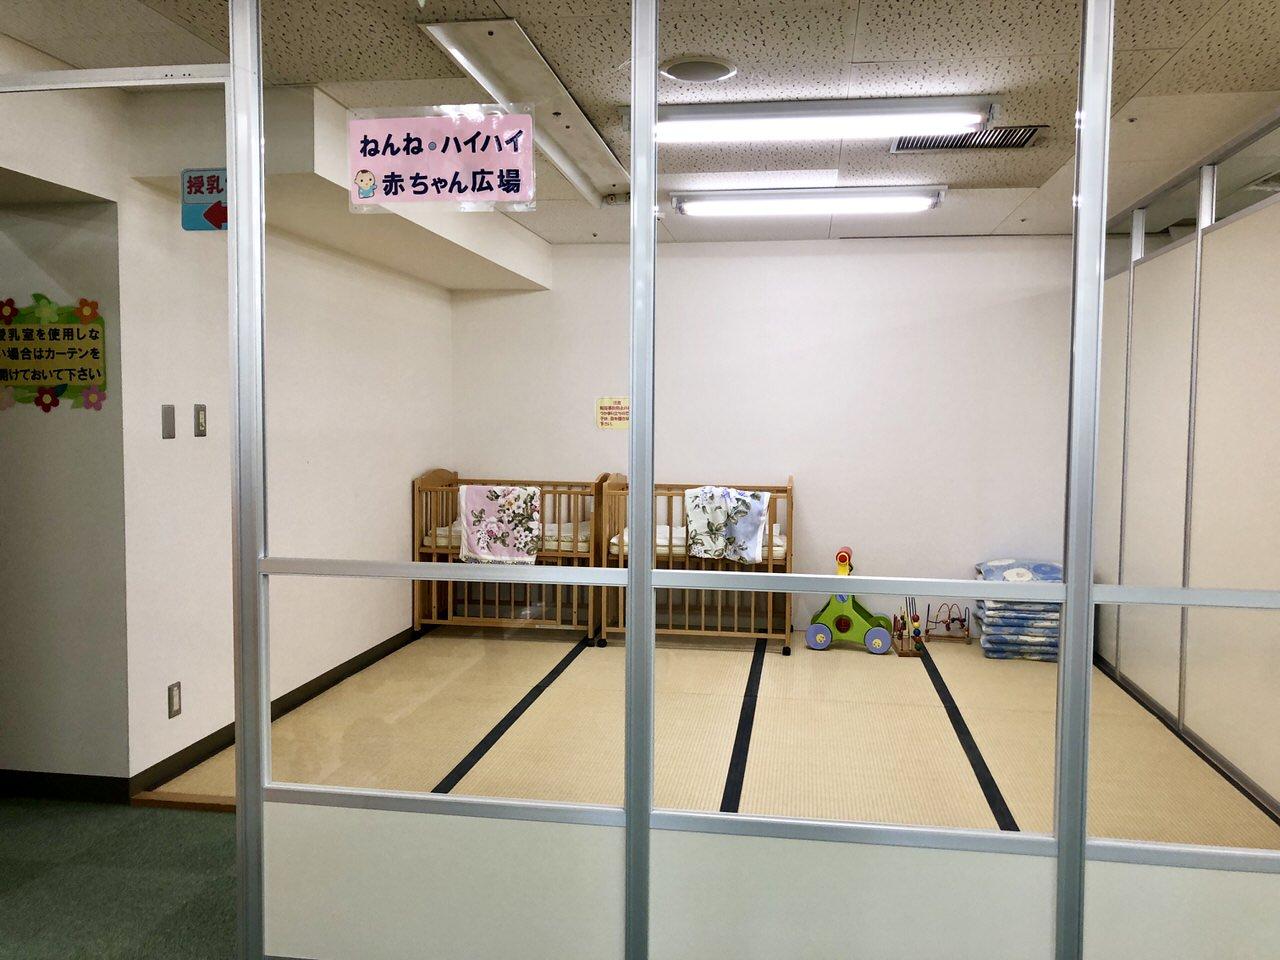 にぎわいプラザ子育て支援センター休憩室